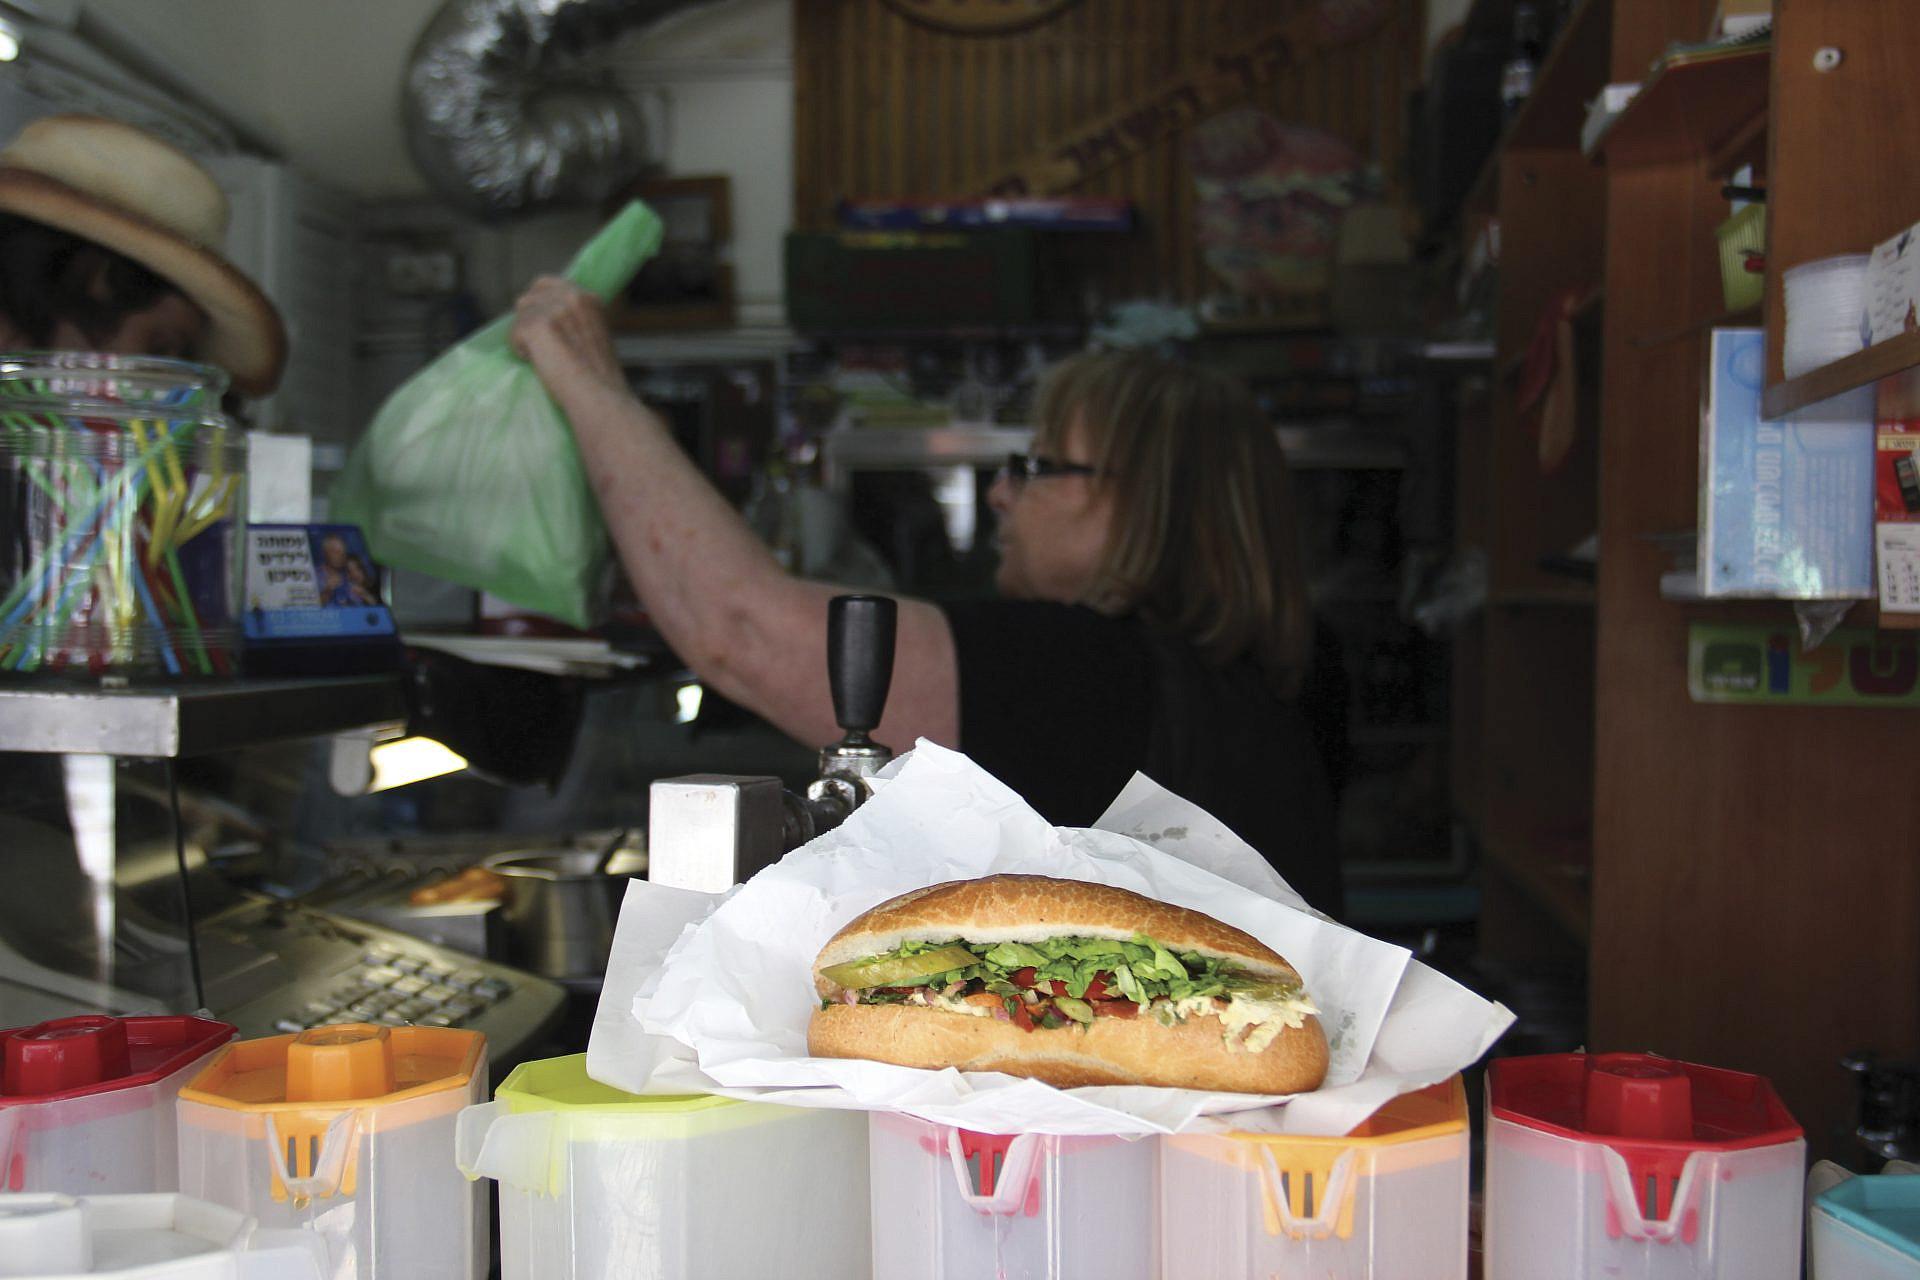 63 שנים של סנדוויצ'ים מופתיים על הבוקר. הסנדוויץ' של איציק ורותי (צילום: טל חבר)